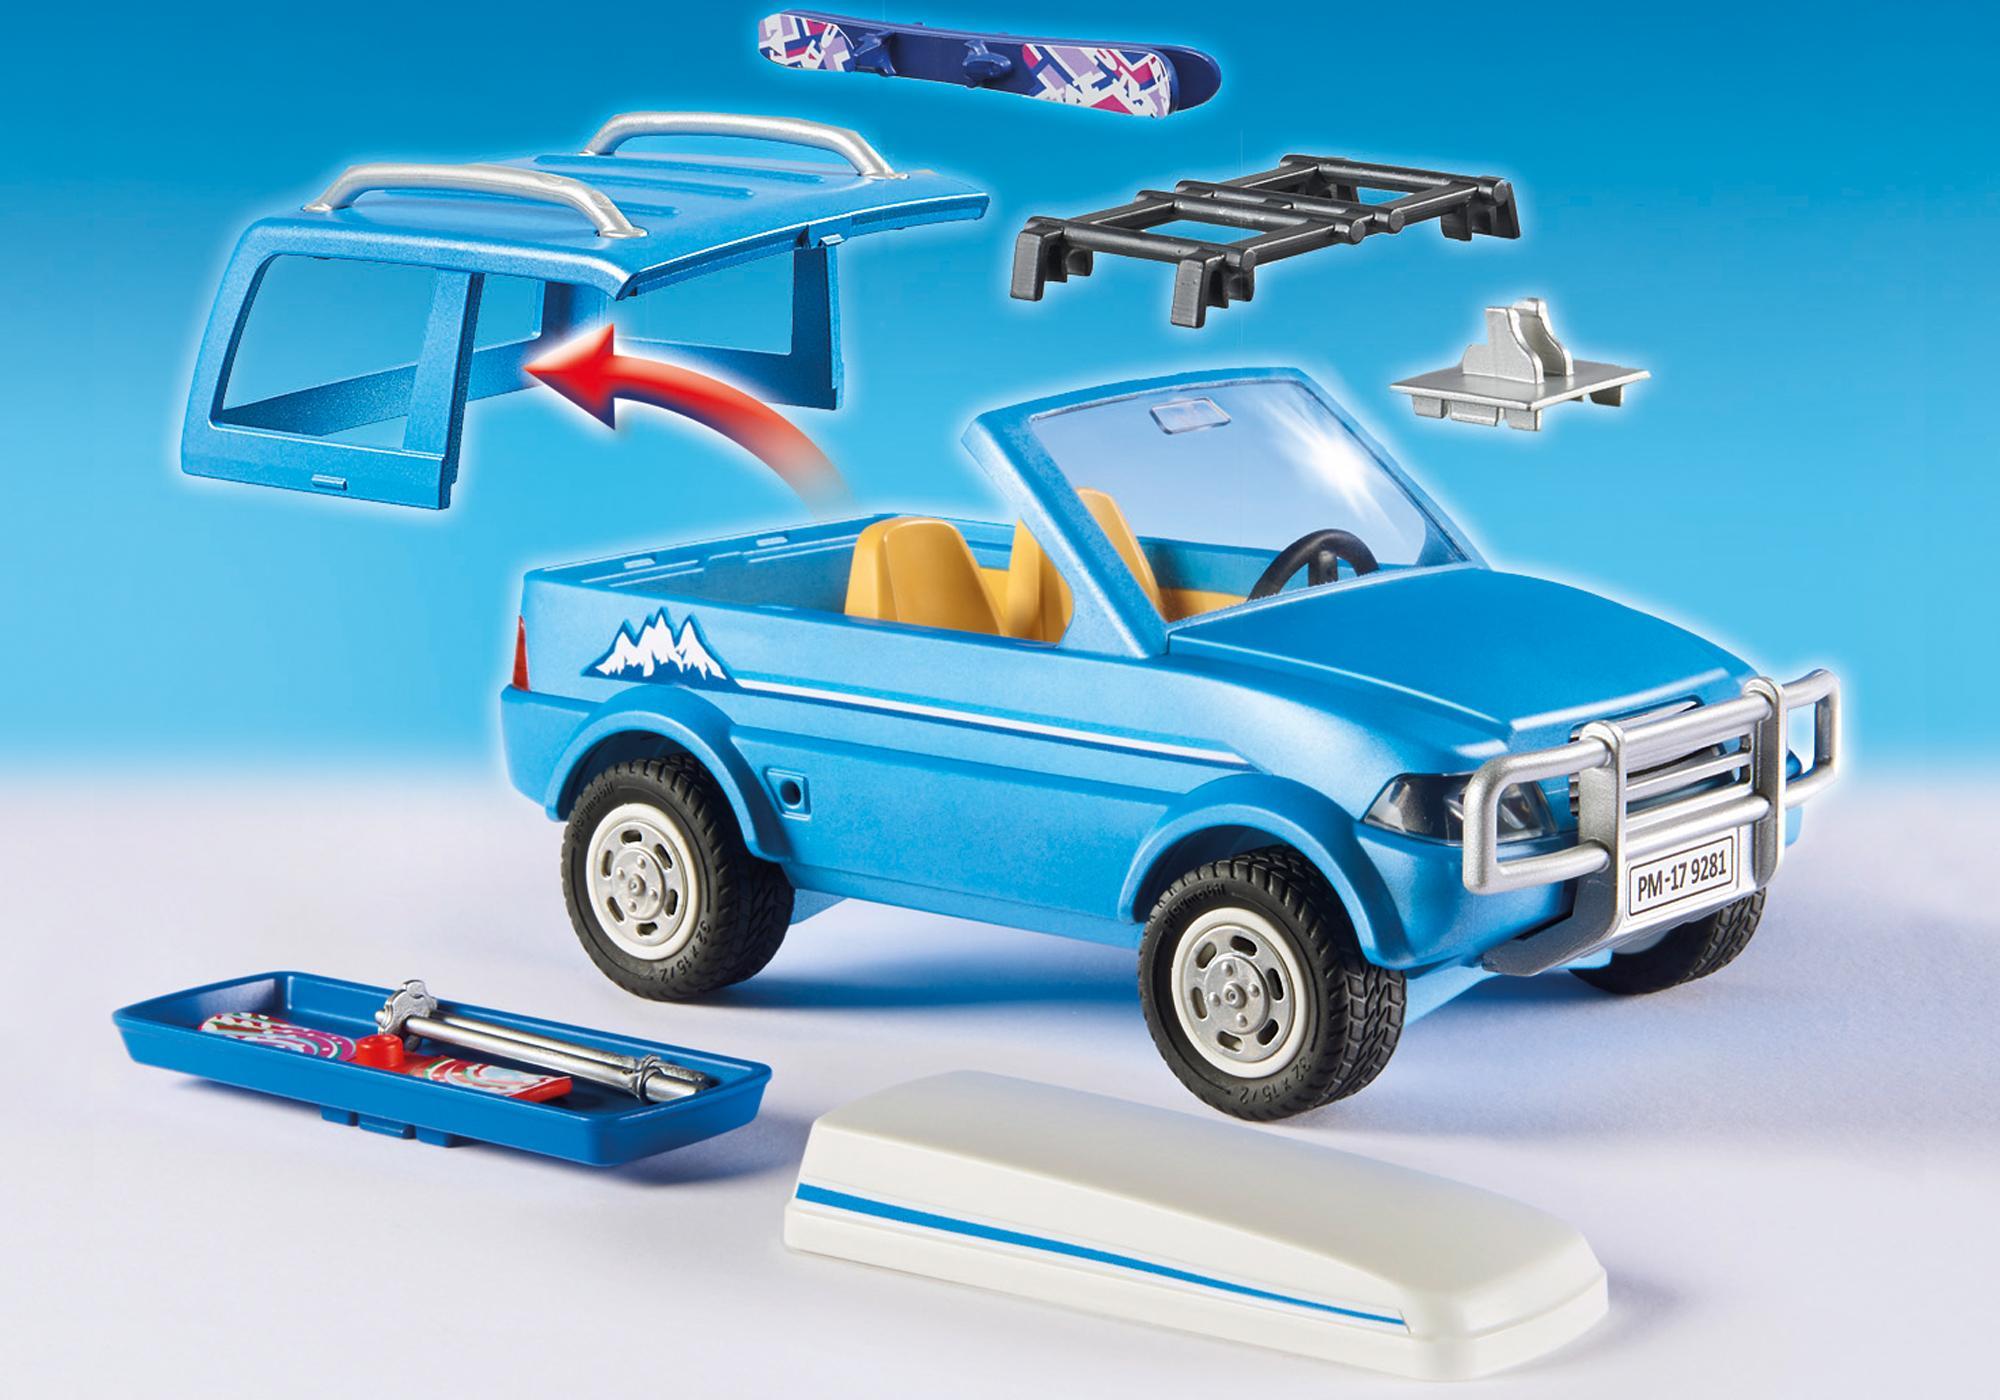 http://media.playmobil.com/i/playmobil/9281_product_extra3/Carro de Neve